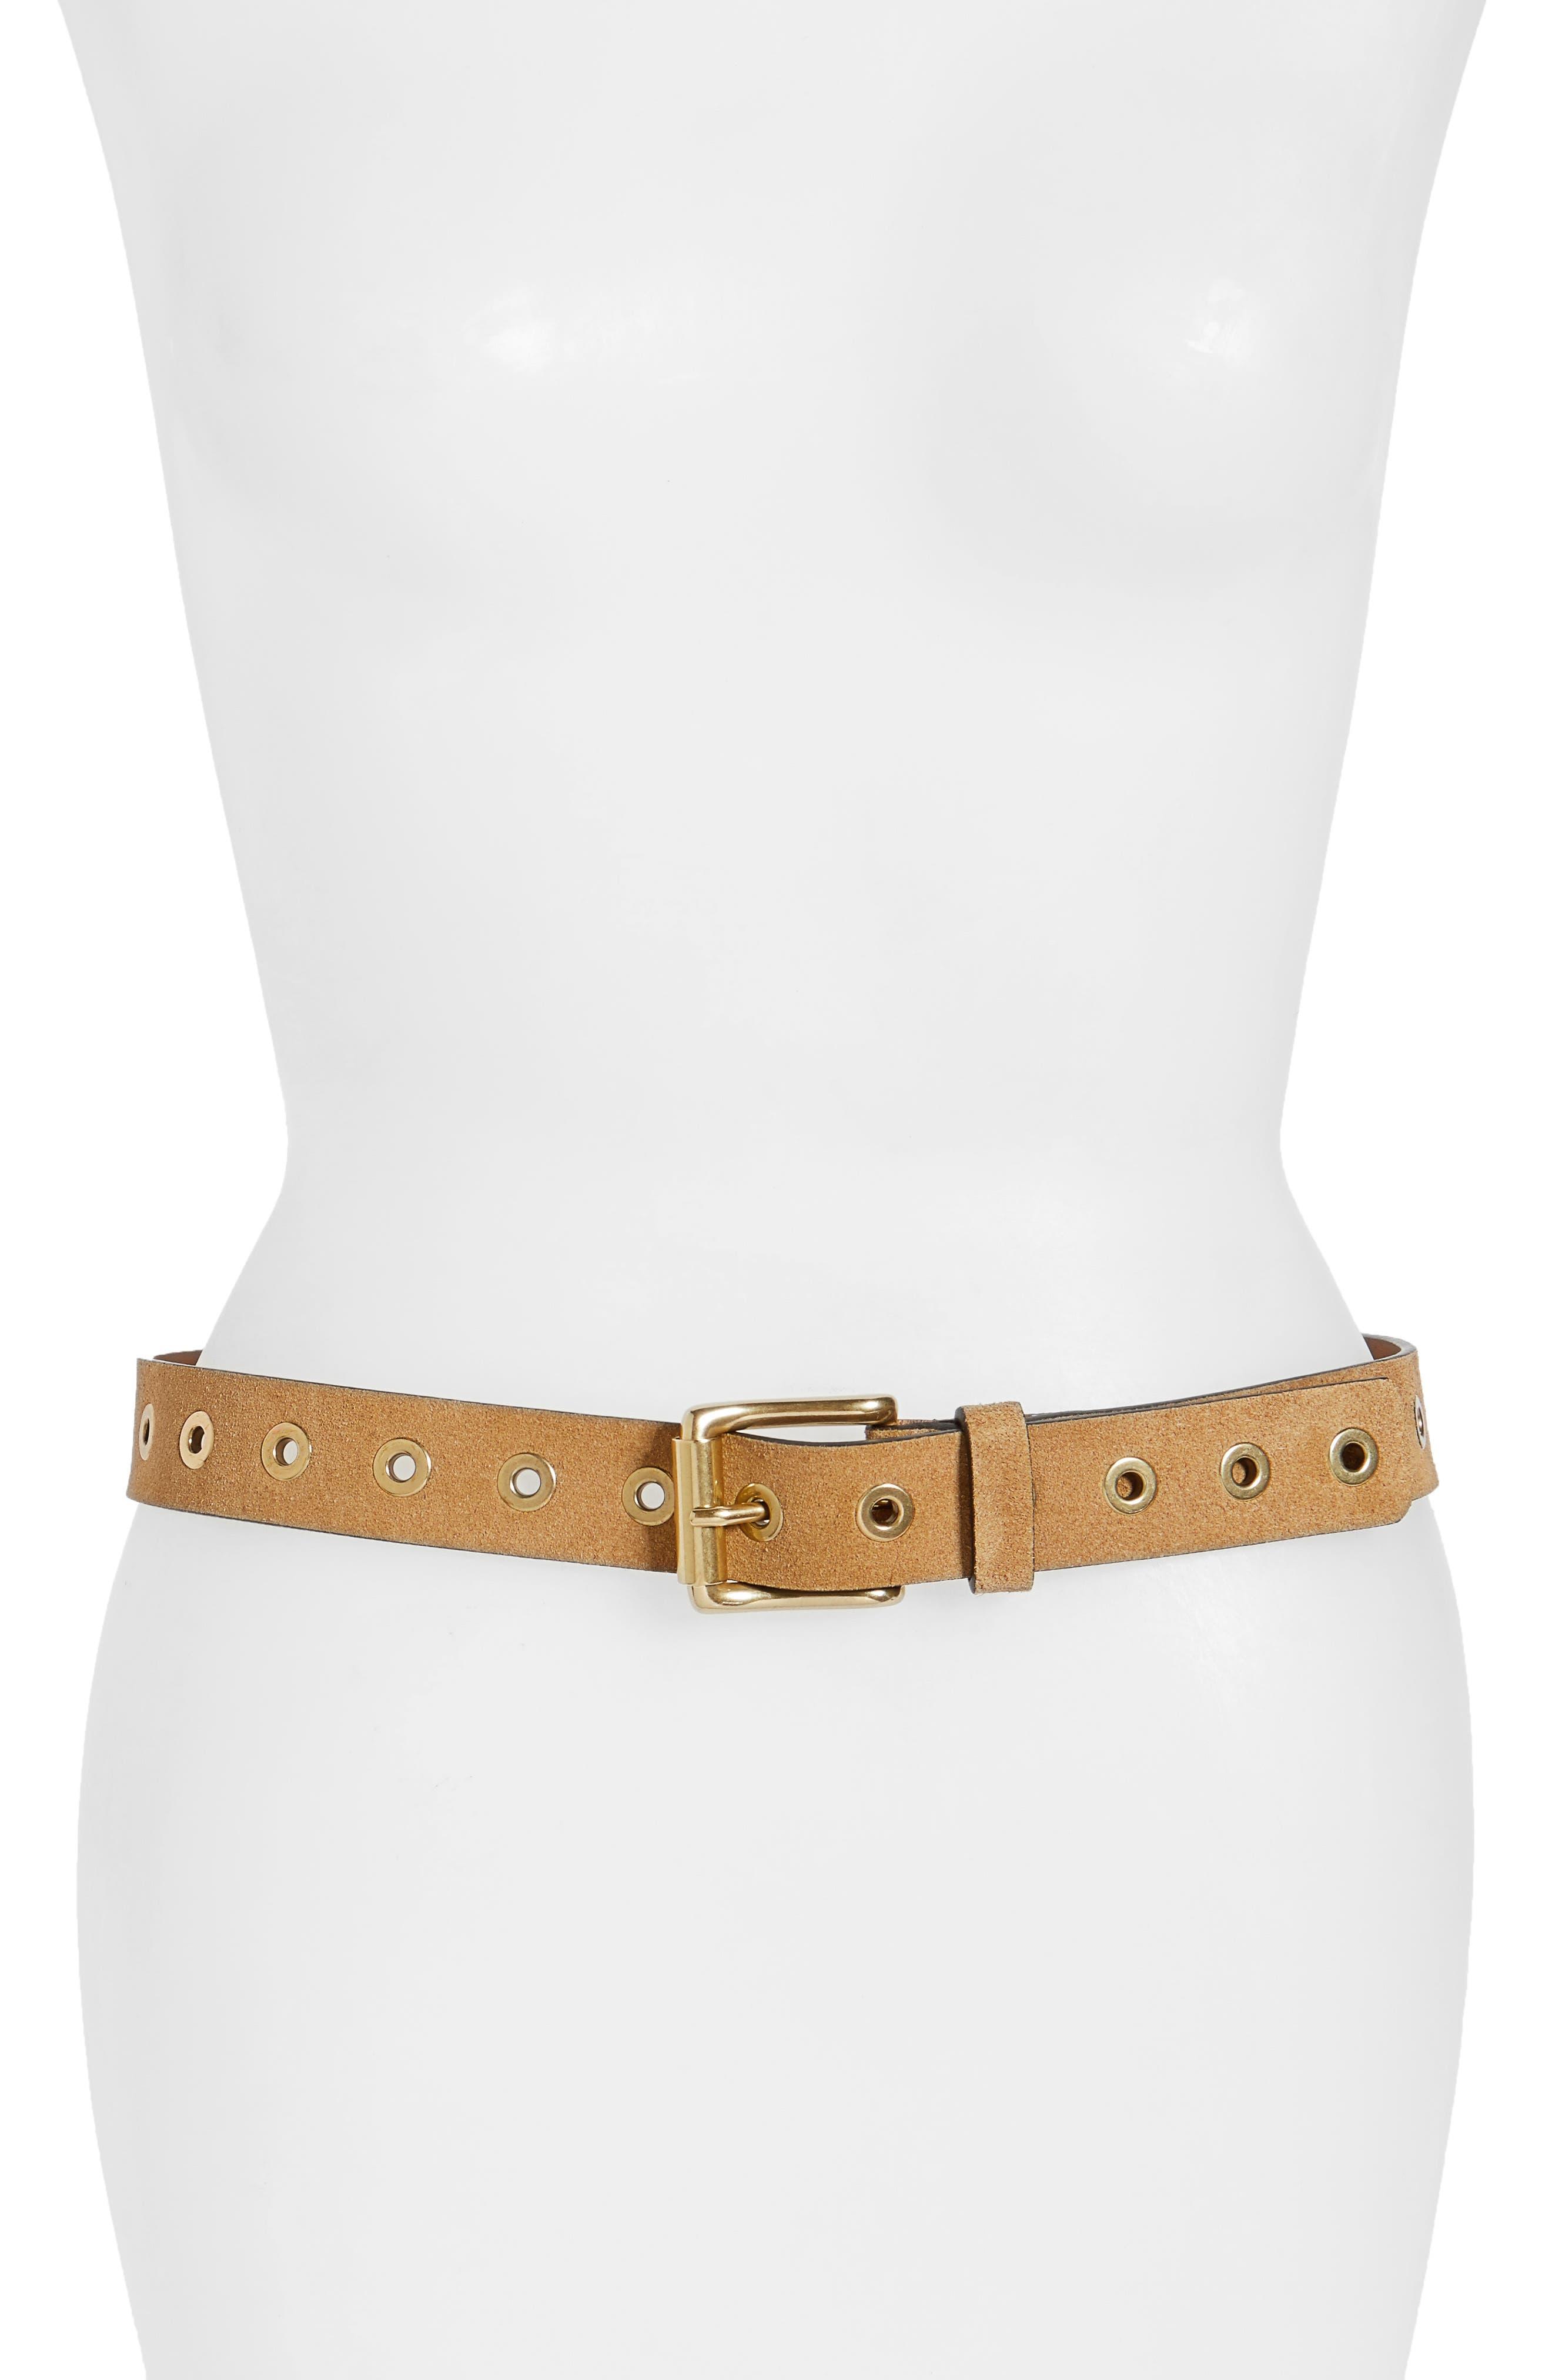 Grommet Leather Belt,                             Main thumbnail 1, color,                             200